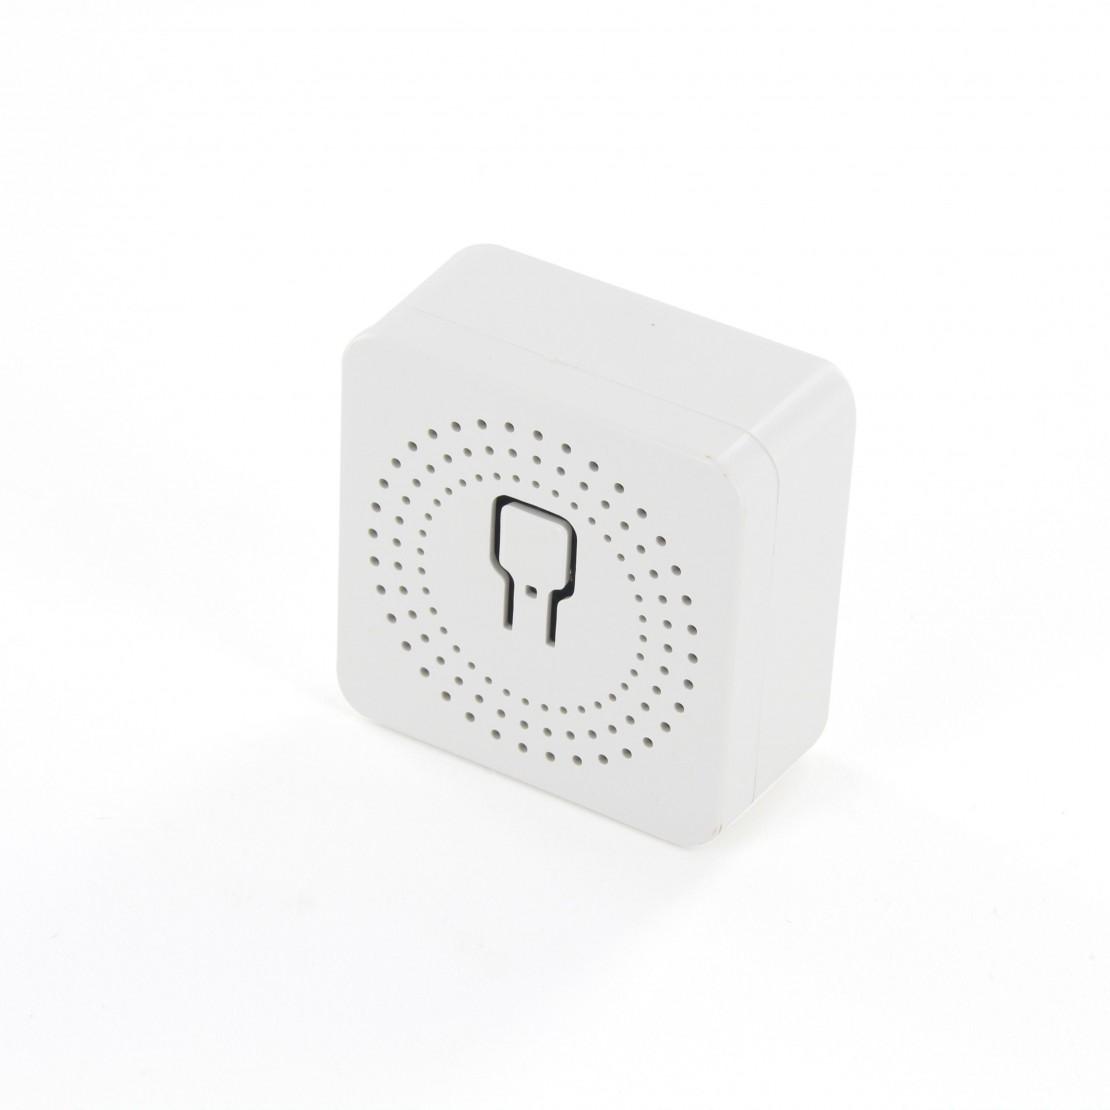 Modulo Variador para lâmpadaDiO 2.0